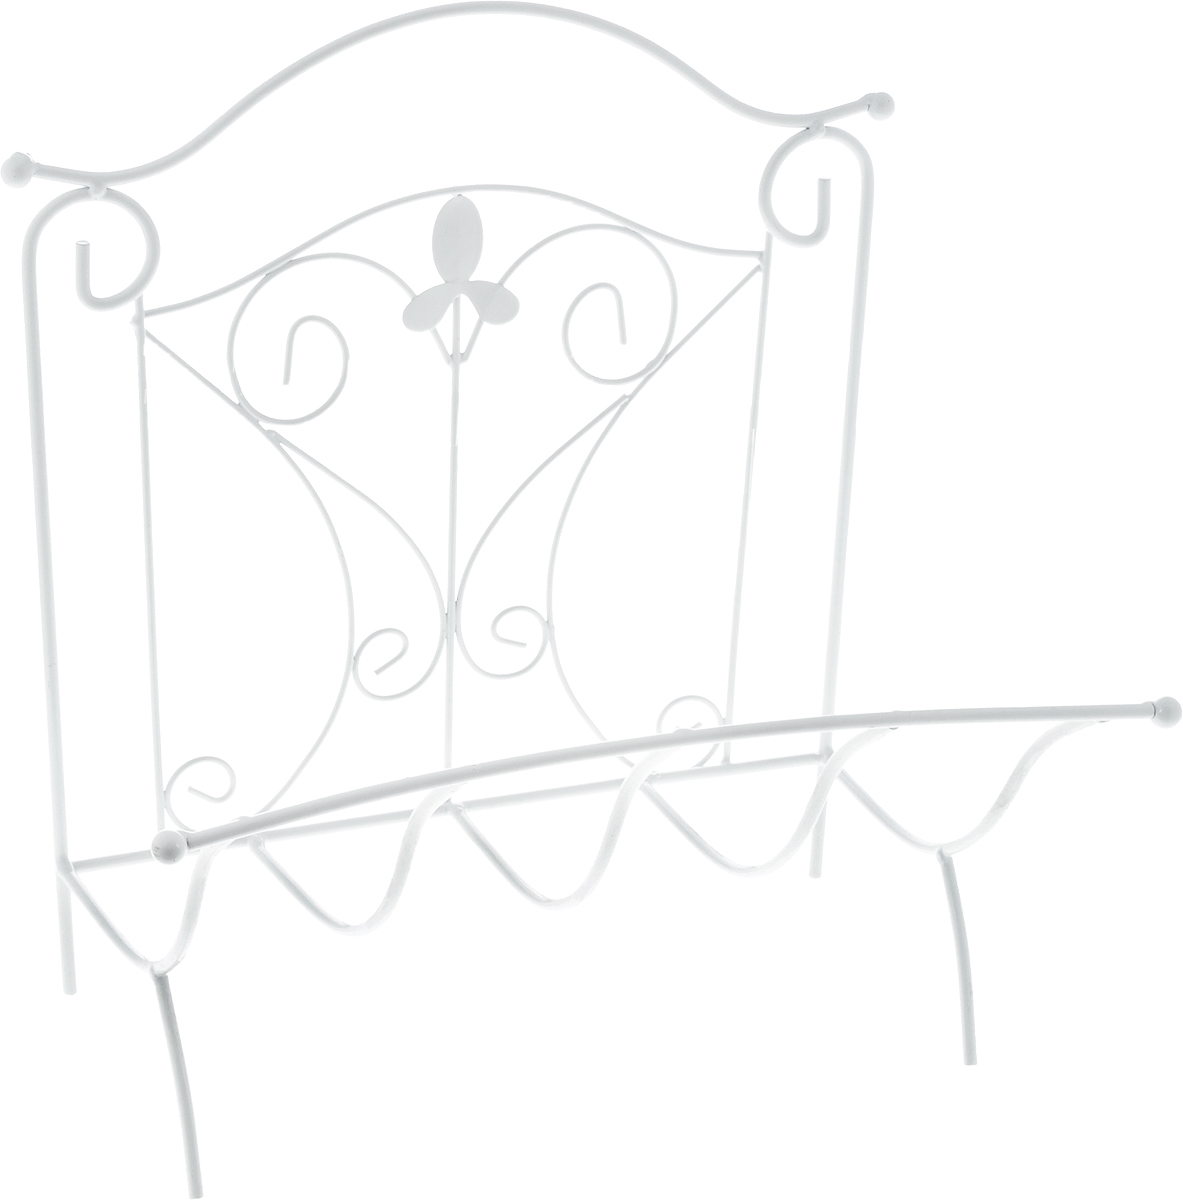 Подставка для газет Magic Home Французская лилия, 39 х 31 х 39 см44429Удобная подставка Magic Home Французская лилия предназначена для хранения газет и журналов. Изделие выполнено из кованого металла в классическом стиле. Изделие украшено изящными завитками и цветком из металла. Подставка располагается на удобных металлических ножках. Такая подставка поможет не только хранить газеты и журналы в одном месте, но и станет предметом декора.Размер подставки: 39 х 31 х 39 см.